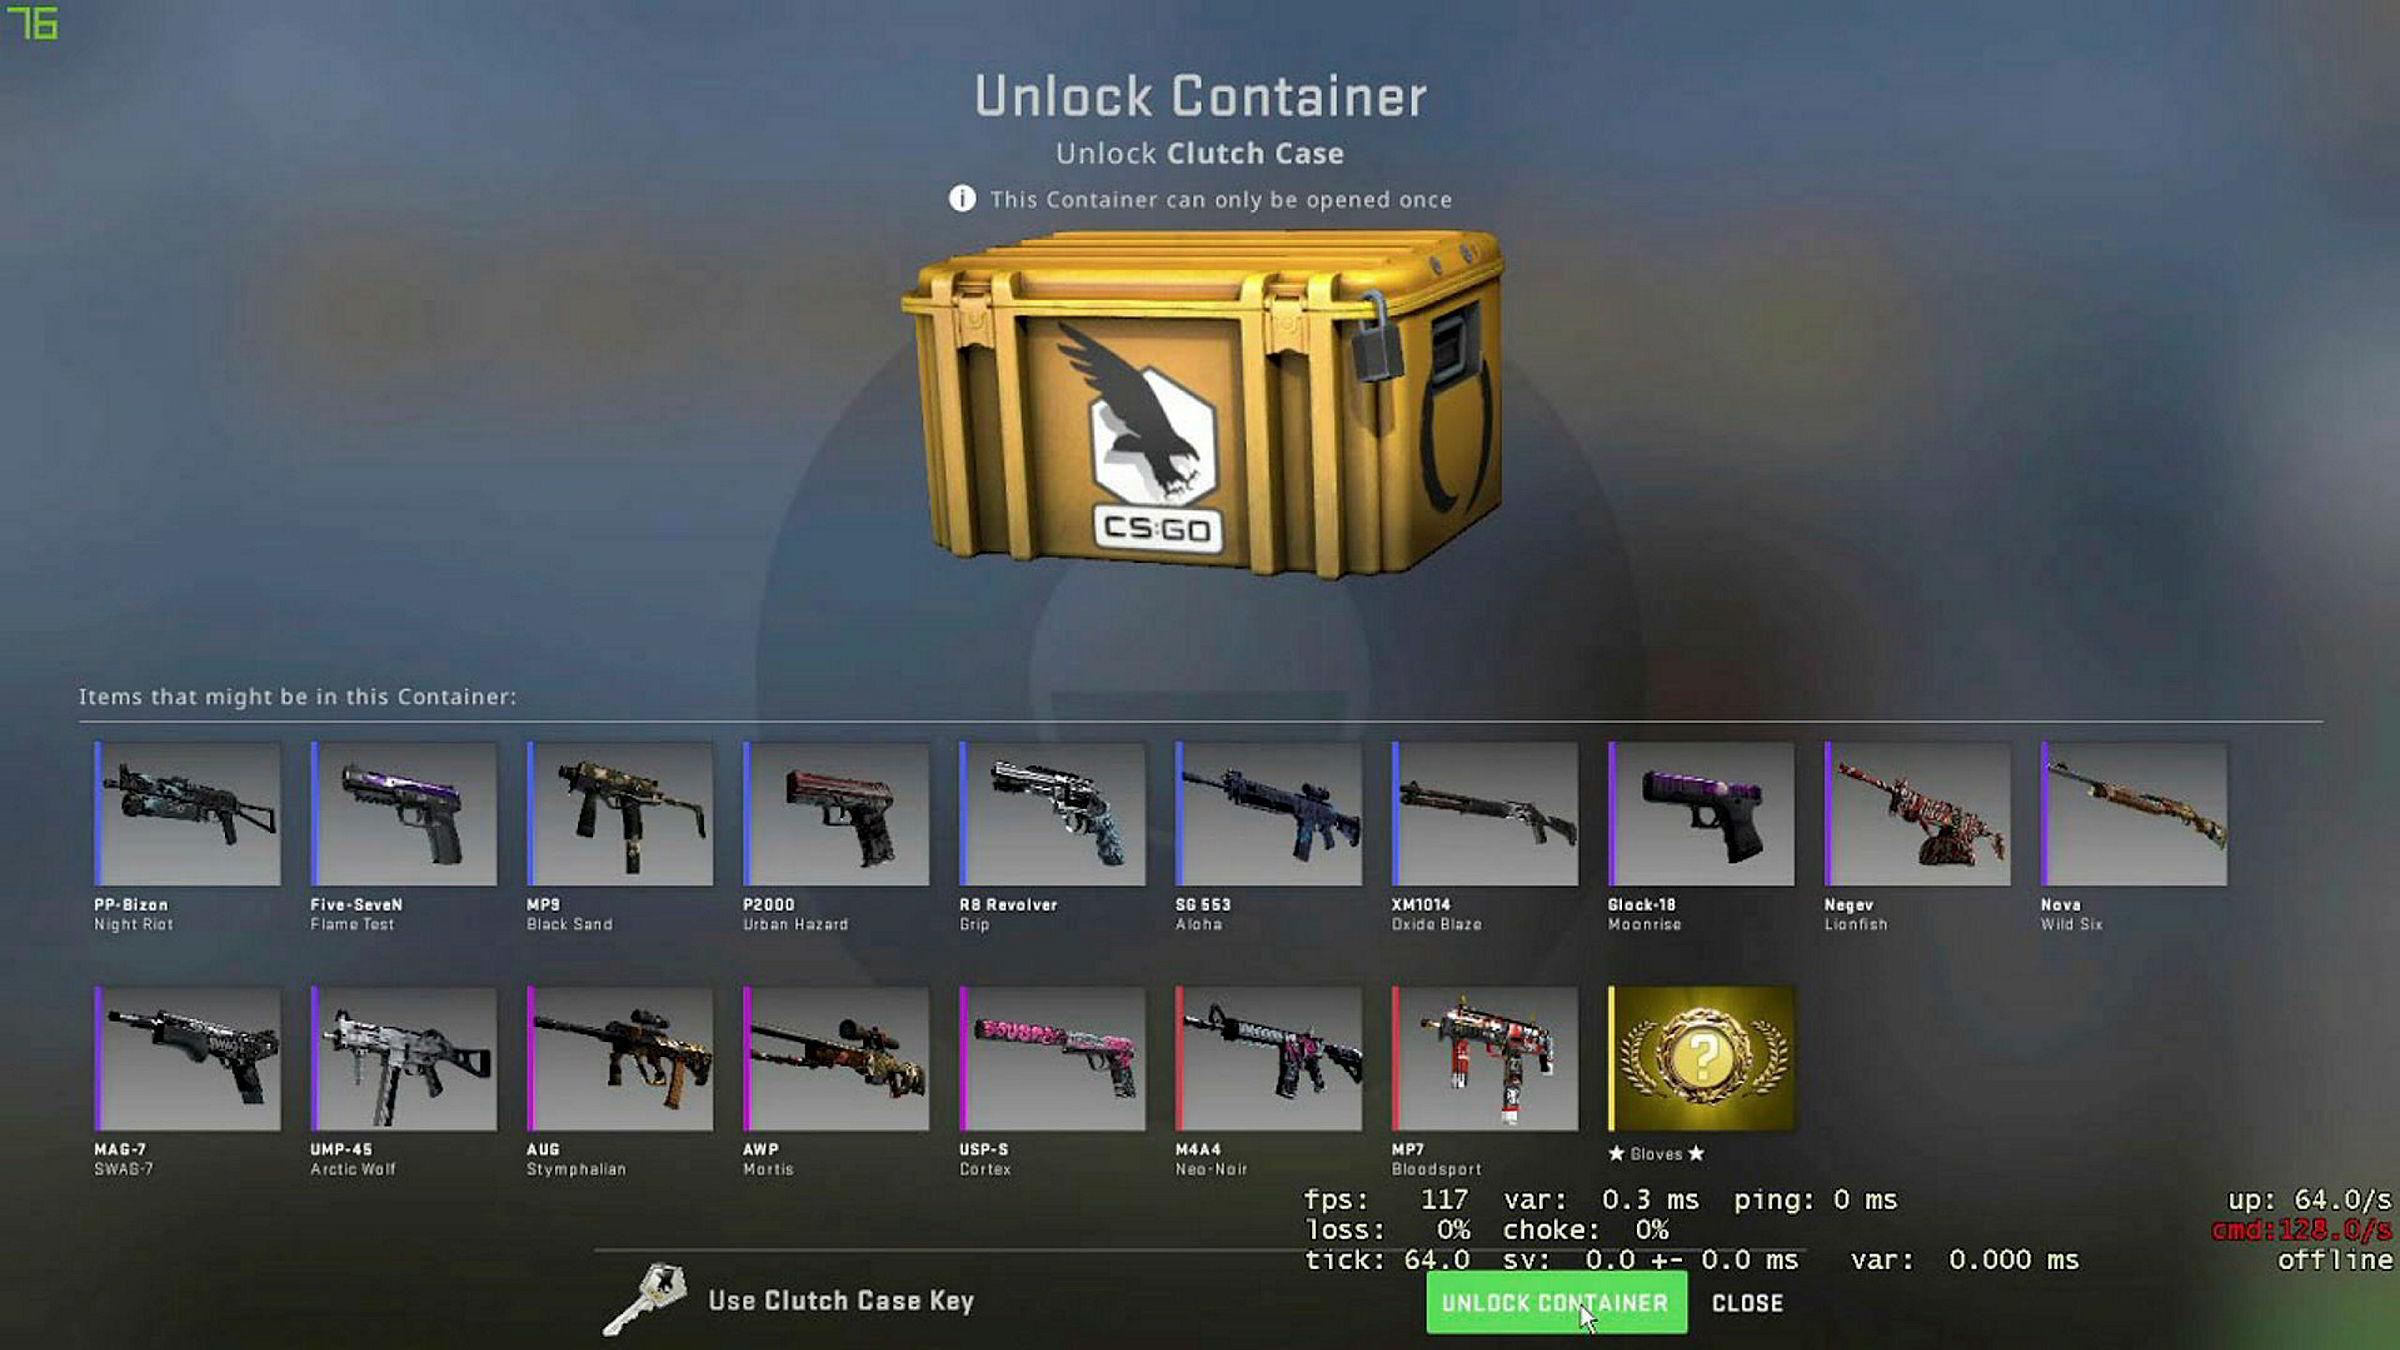 I videospillet Counter-Strike: Global Offensive har det vært mulig å kjøpe og selge virtuelle våpen på en markedsplass. Dette er noe kriminelle nettverk har brukt for å hvitvaske illegale midler.